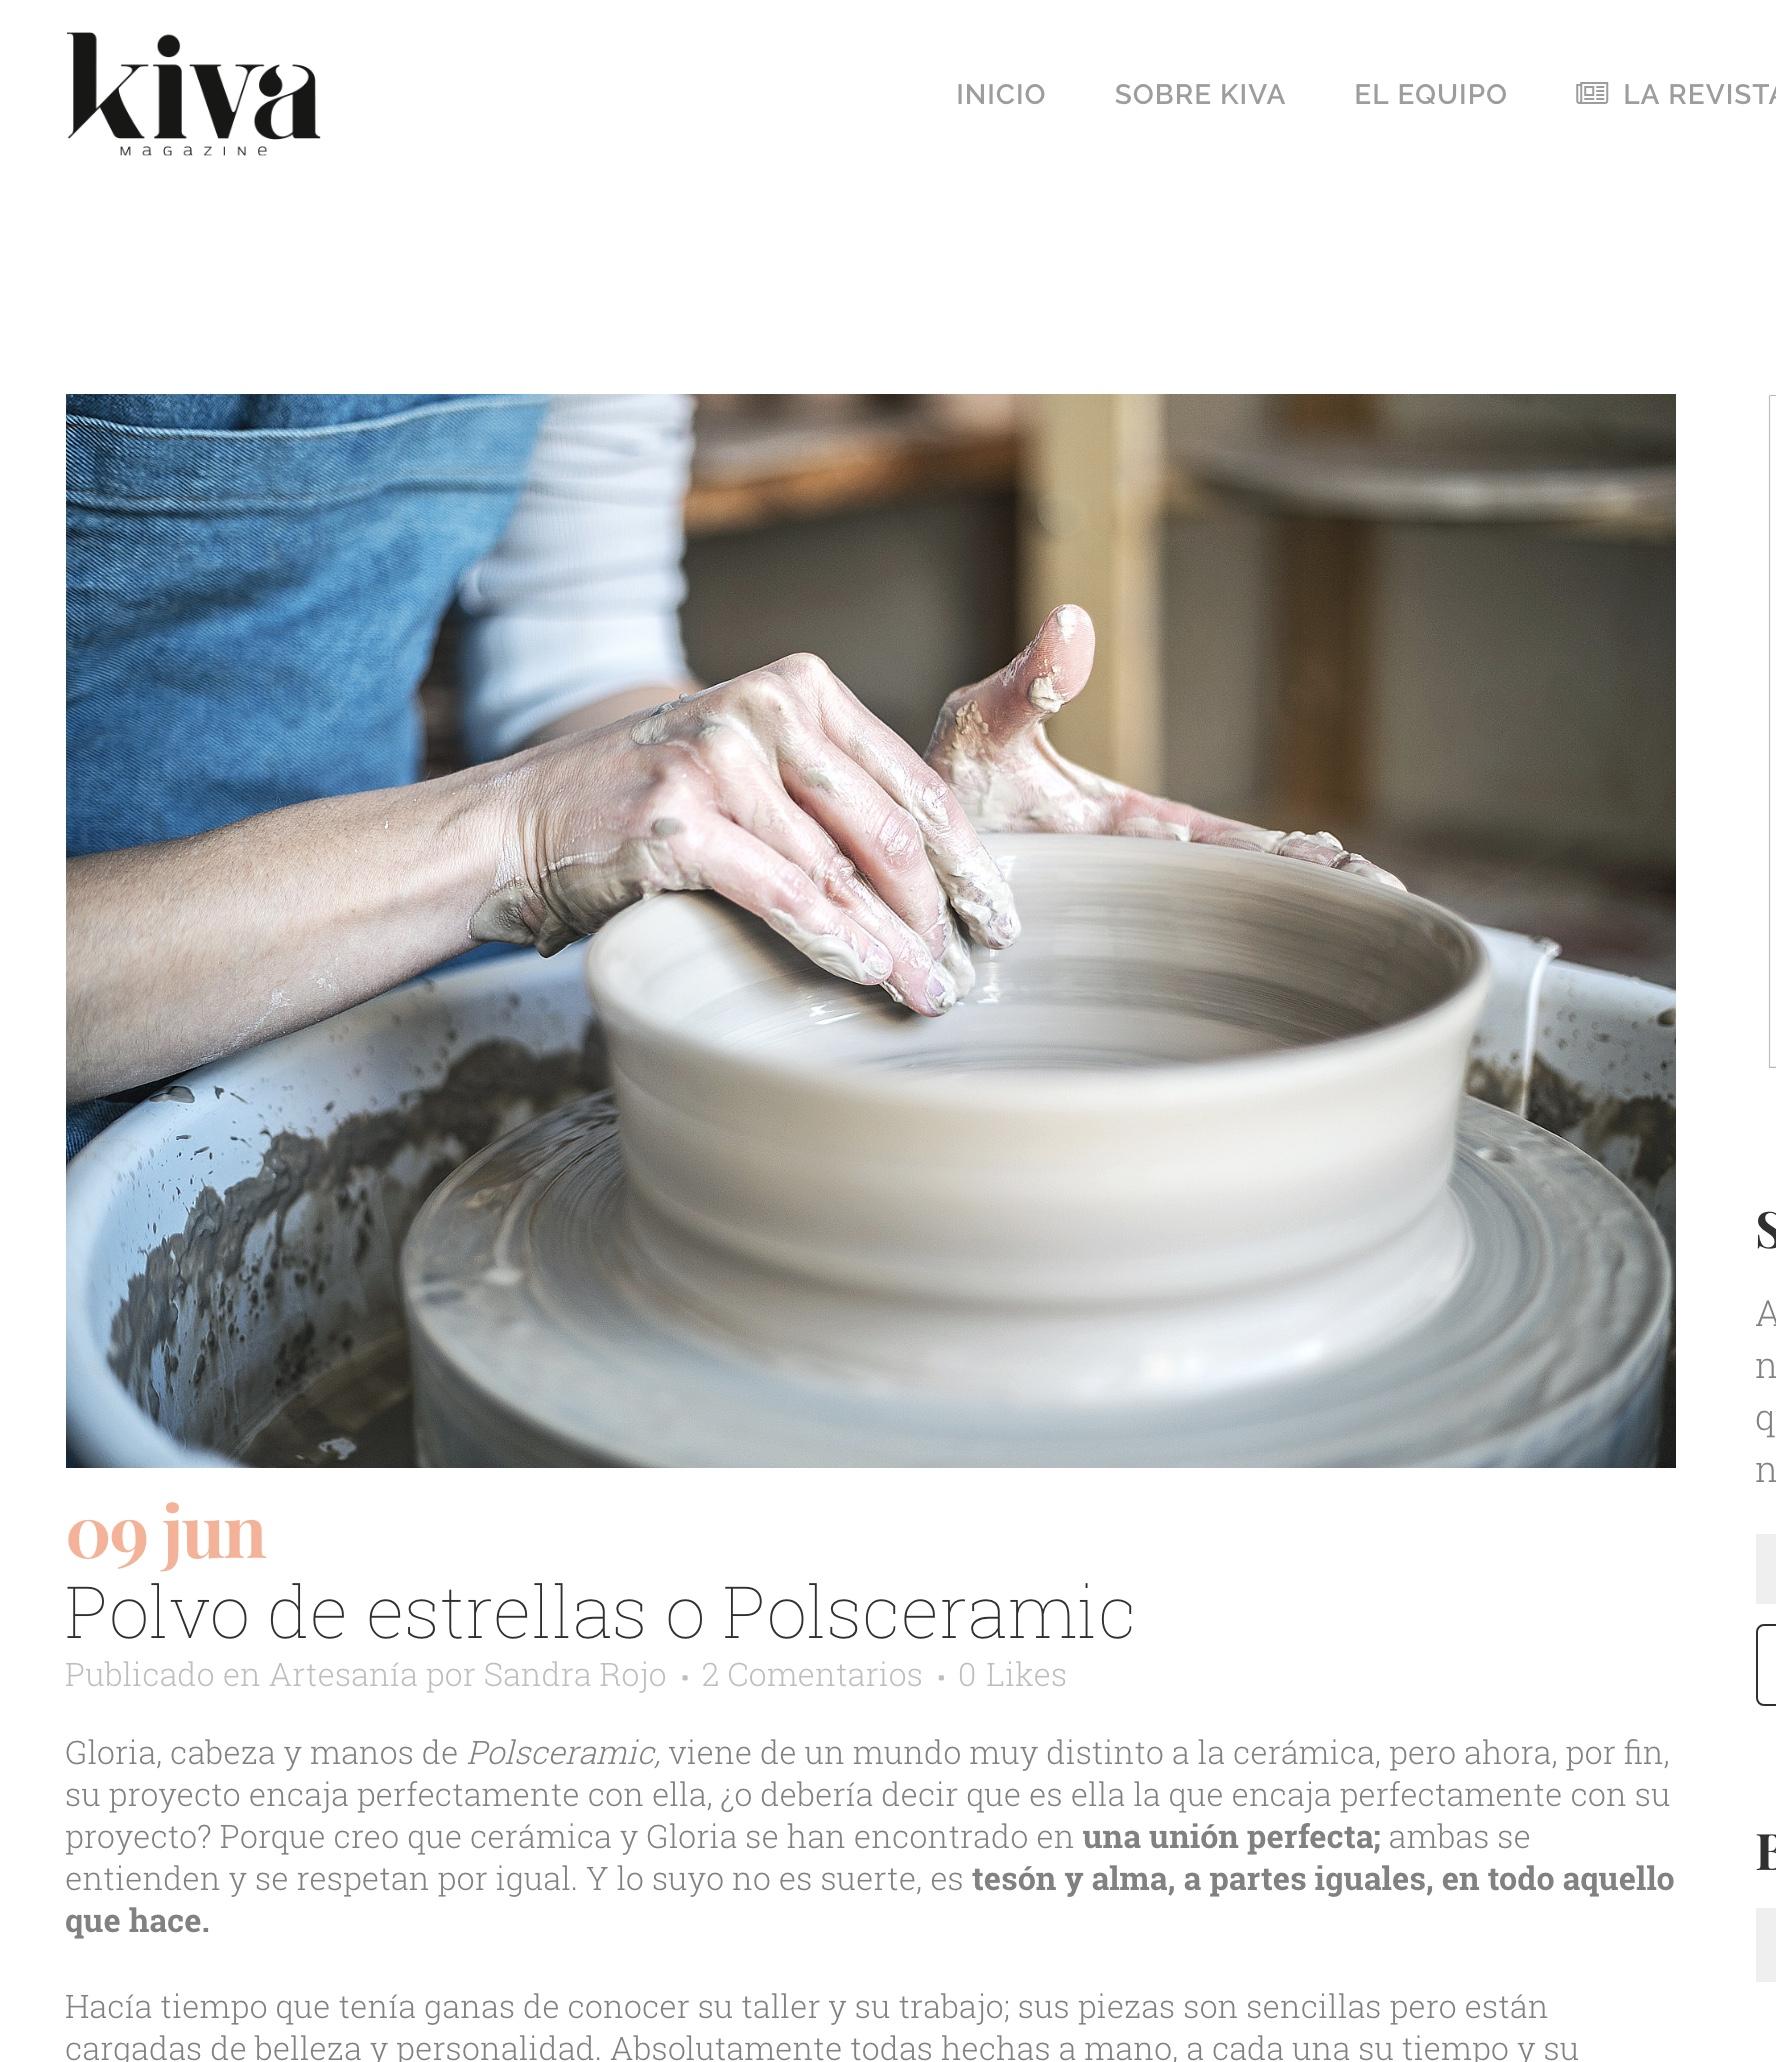 2016-06-09 KIVA magazine _ Polvo de estrellas o Polsceramic.jpeg